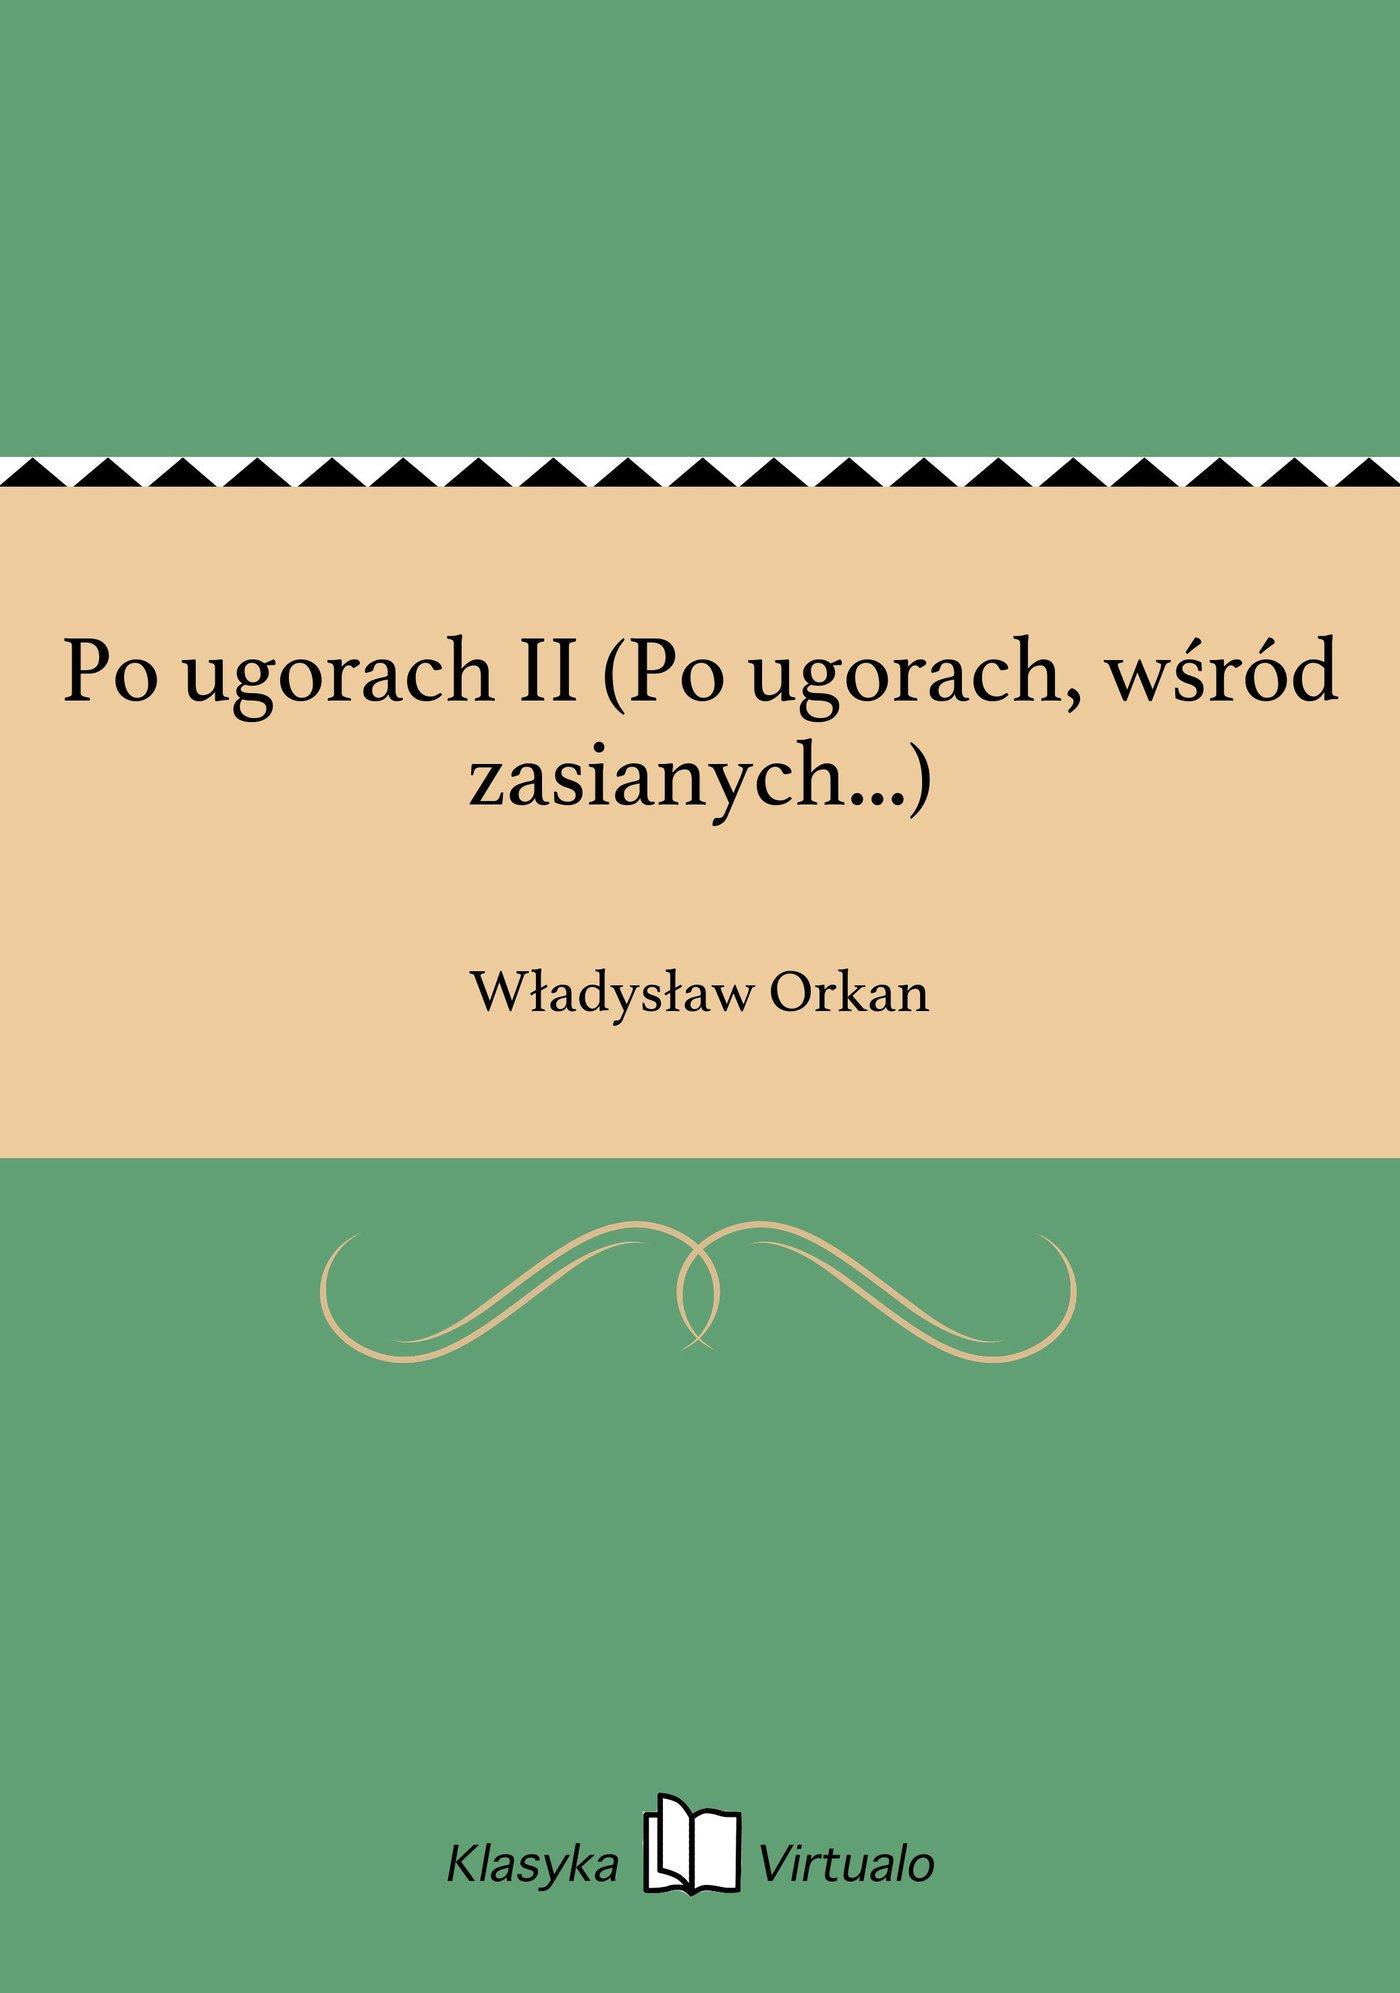 Po ugorach II (Po ugorach, wśród zasianych...) - Ebook (Książka na Kindle) do pobrania w formacie MOBI